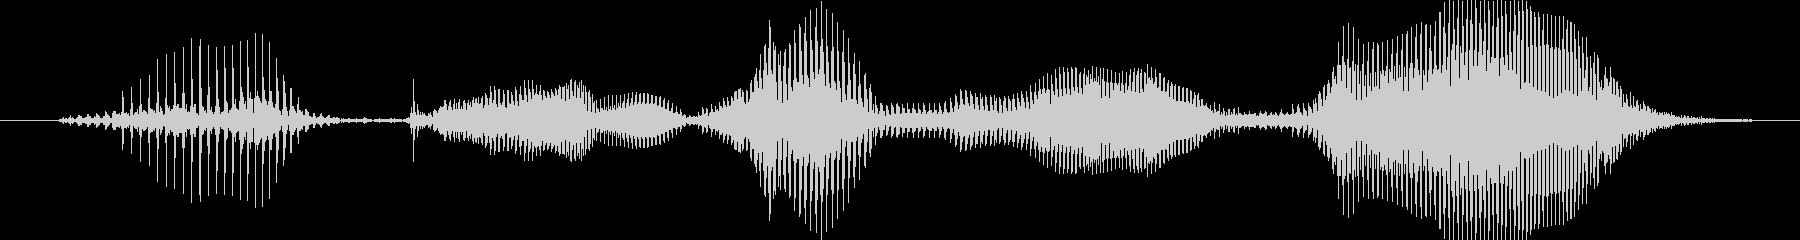 「負けんじゃねぇぞぉ!」(勇ましい)の未再生の波形